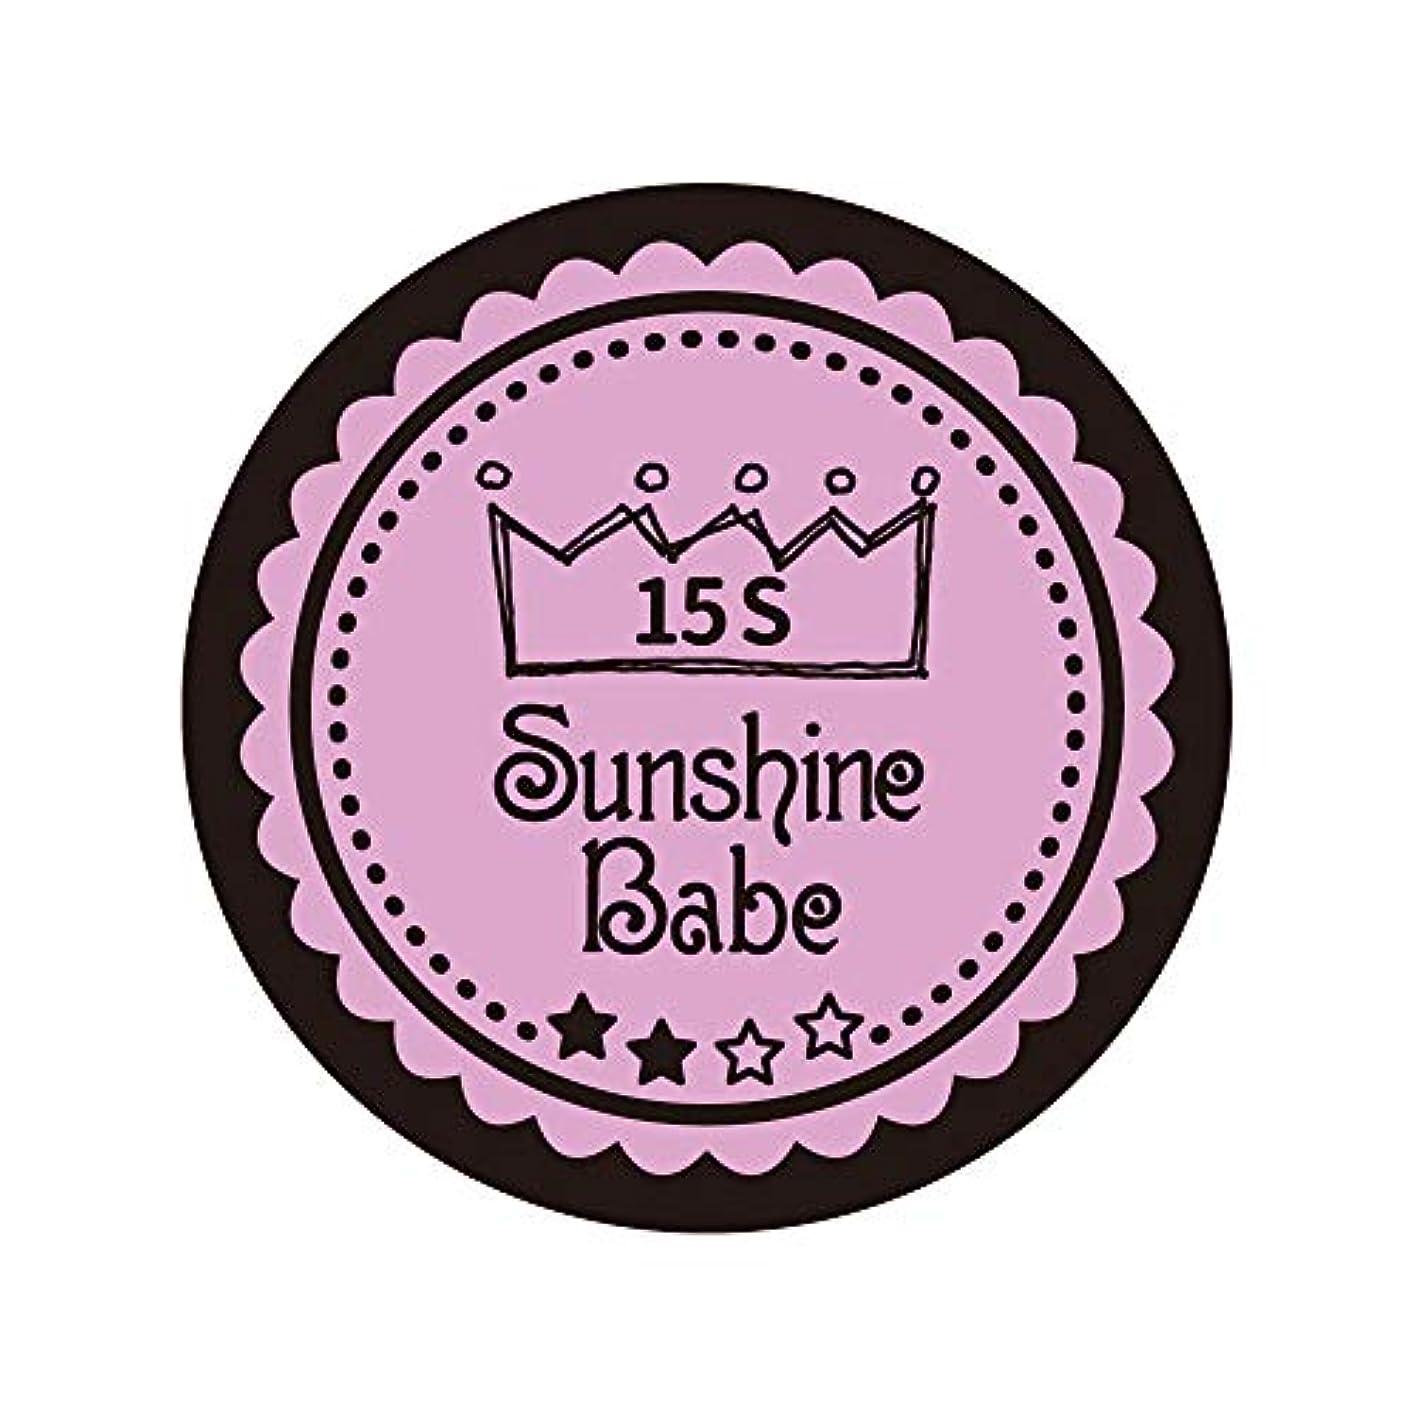 ボンド外交問題国旗Sunshine Babe カラージェル 15S ピンクラベンダー 2.7g UV/LED対応